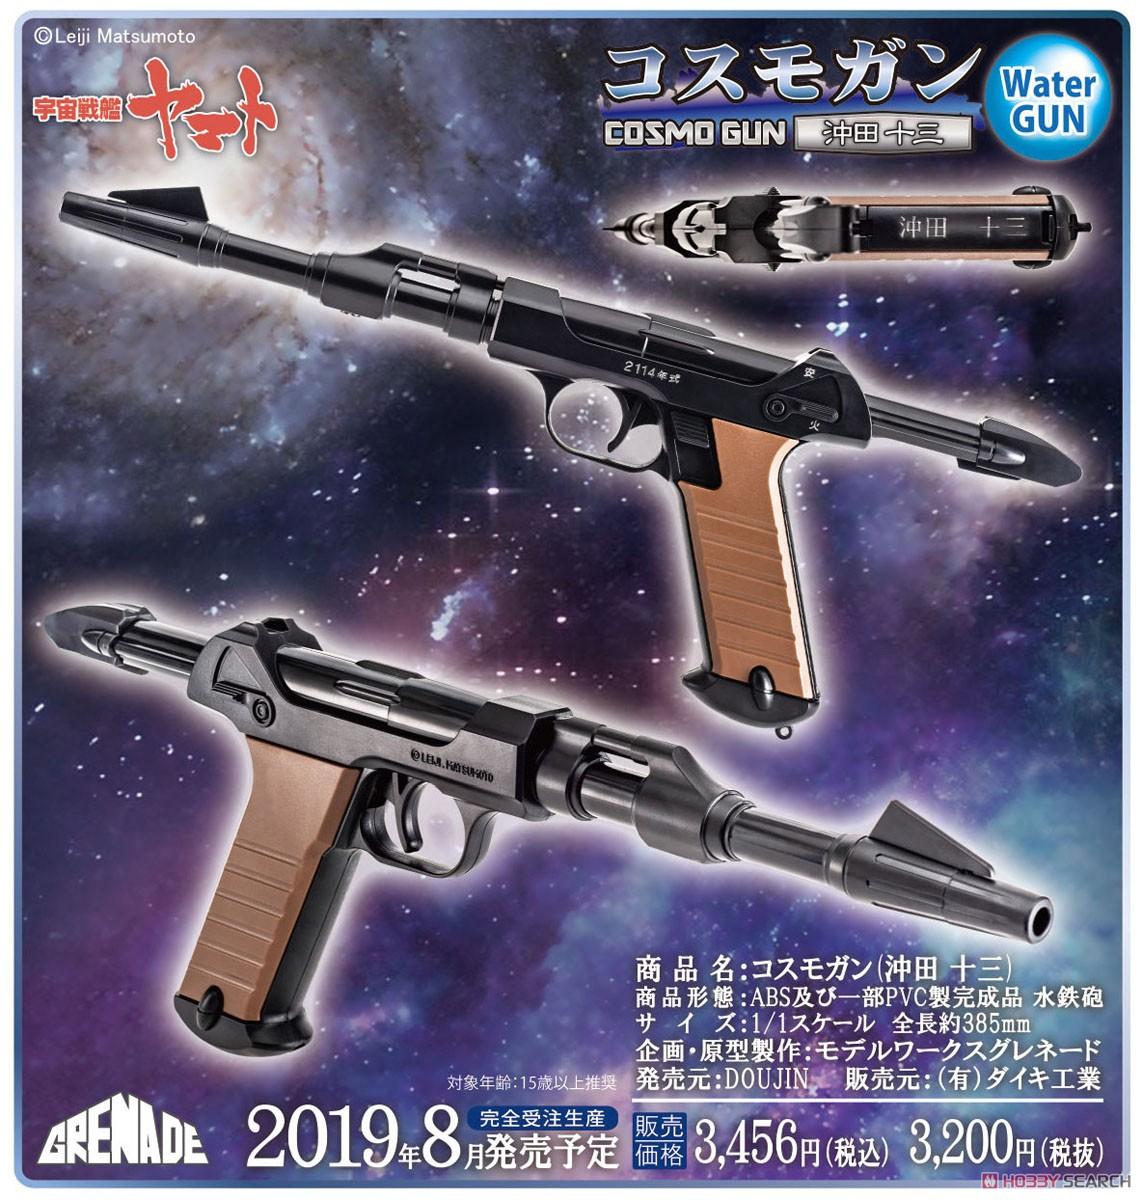 宇宙戦艦ヤマト『コスモガン 古代進』1/1 完成品 ウォーターガン-011